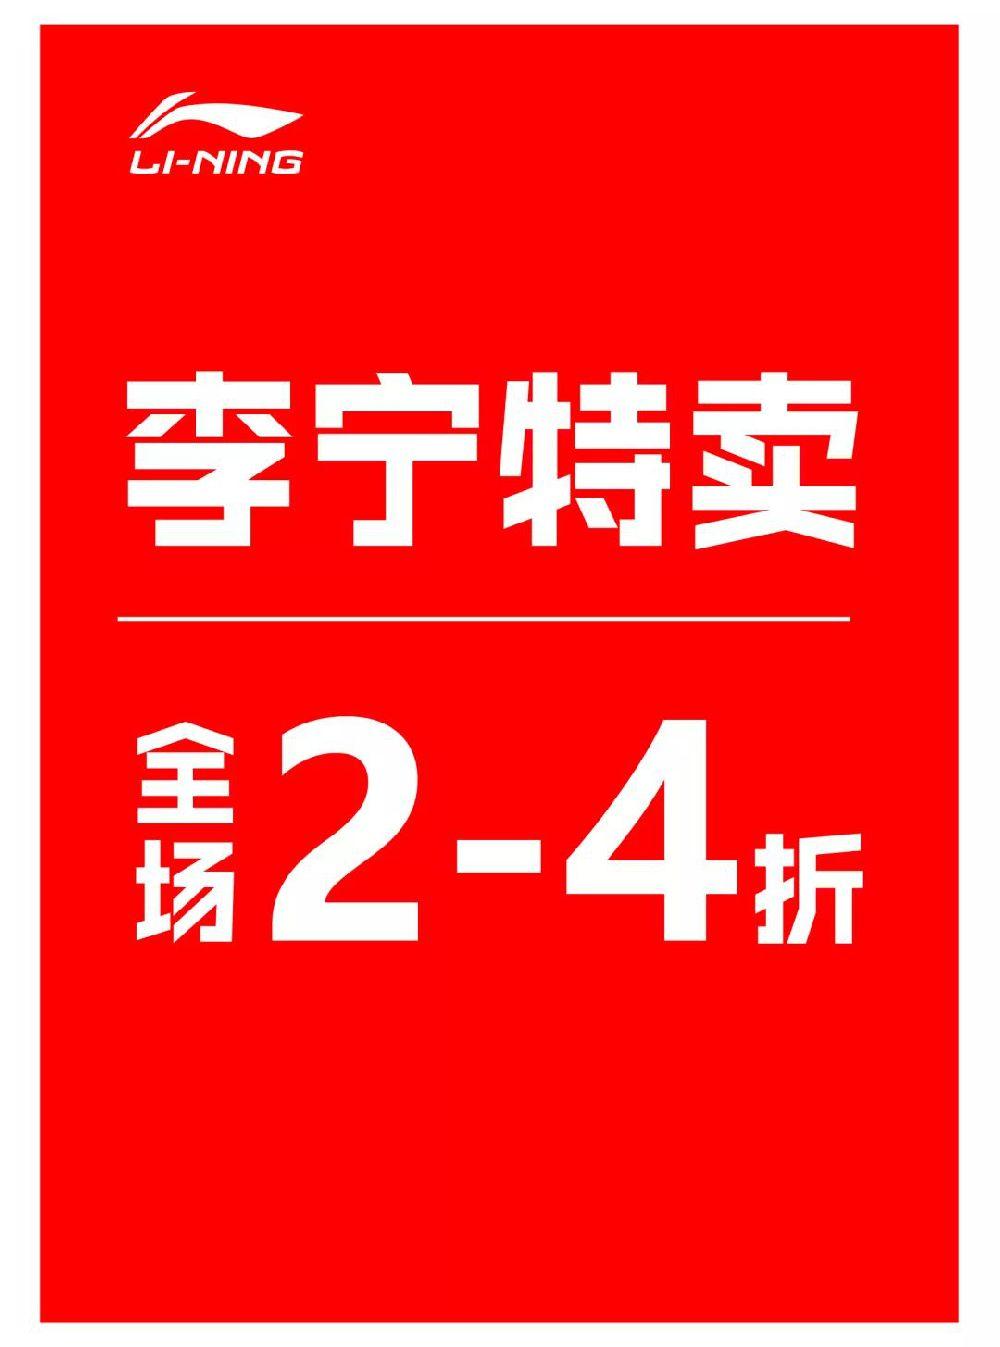 上海新世界大丸百货李宁大型特卖 鞋服2-4折